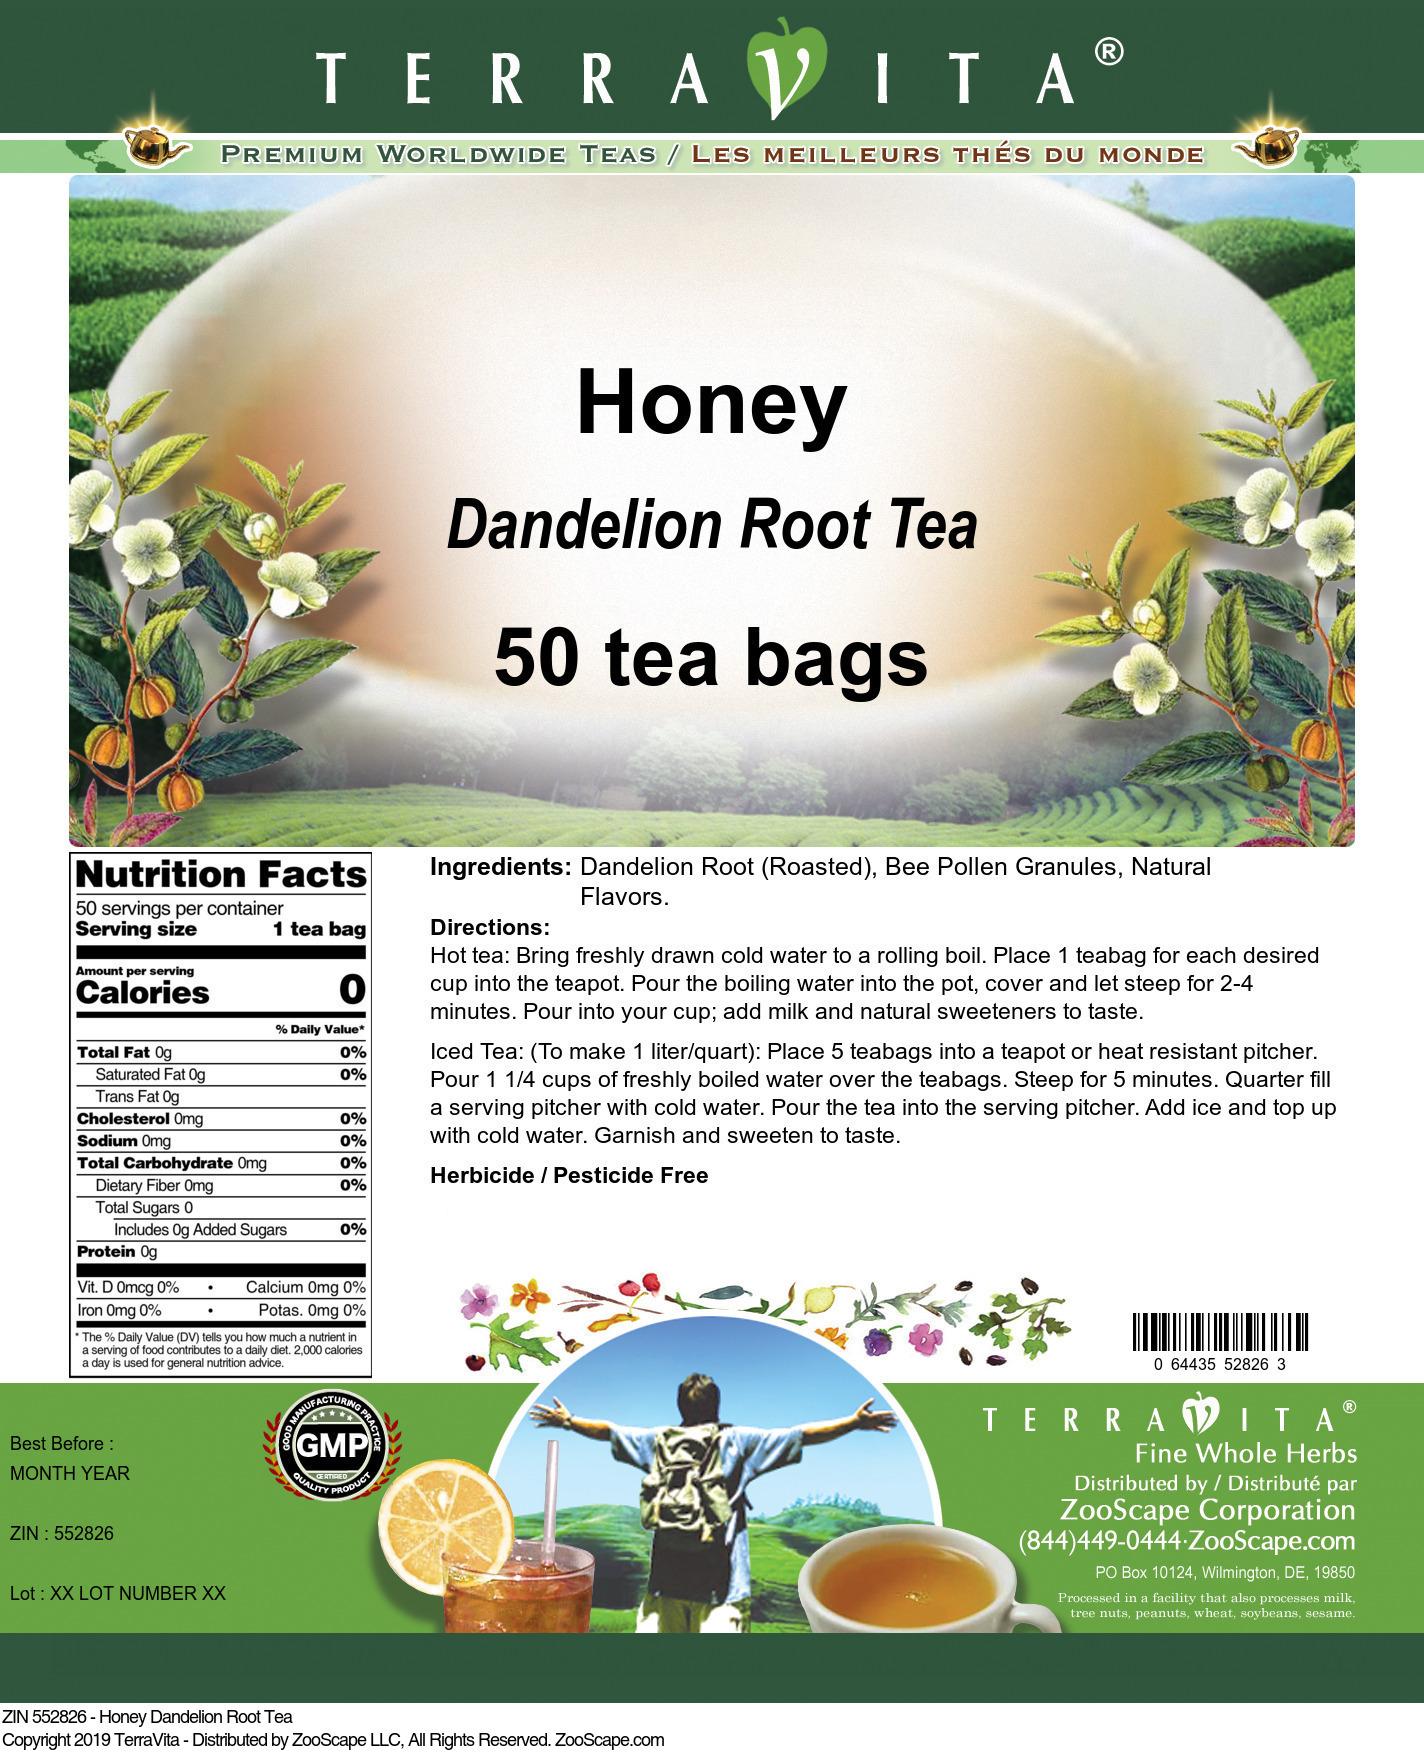 Honey Dandelion Root